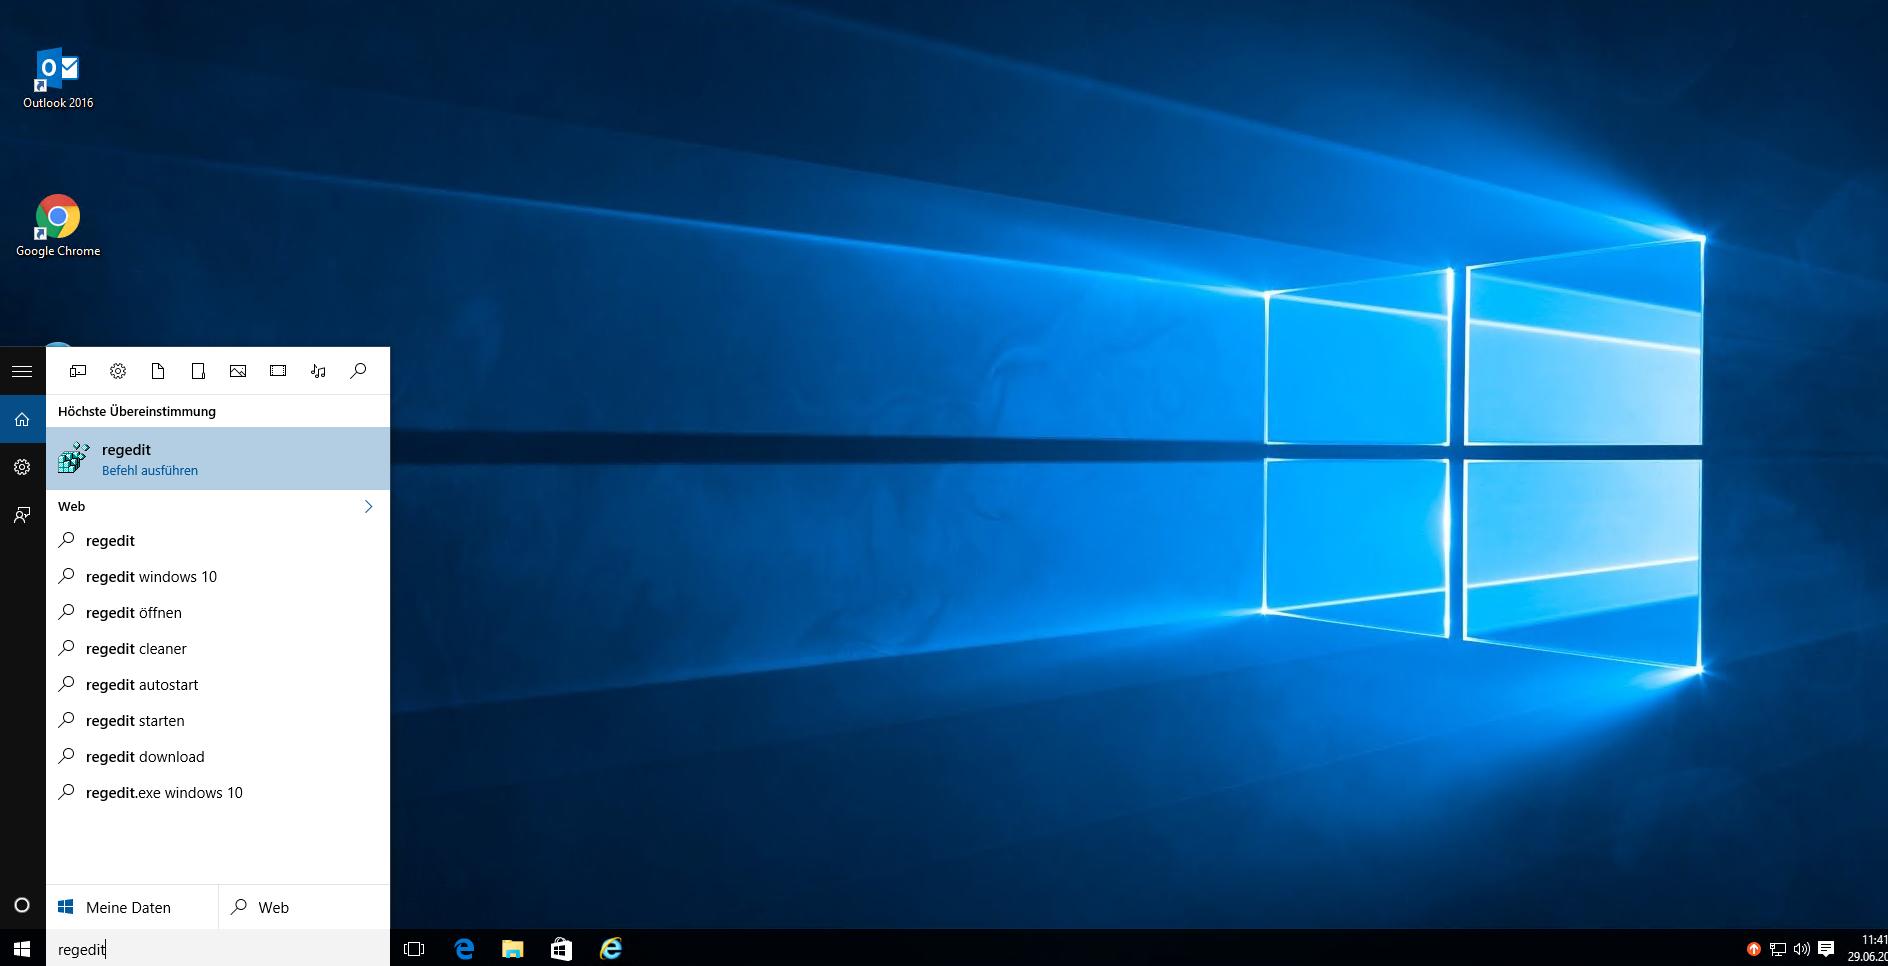 regedit aufrufen unter Windows